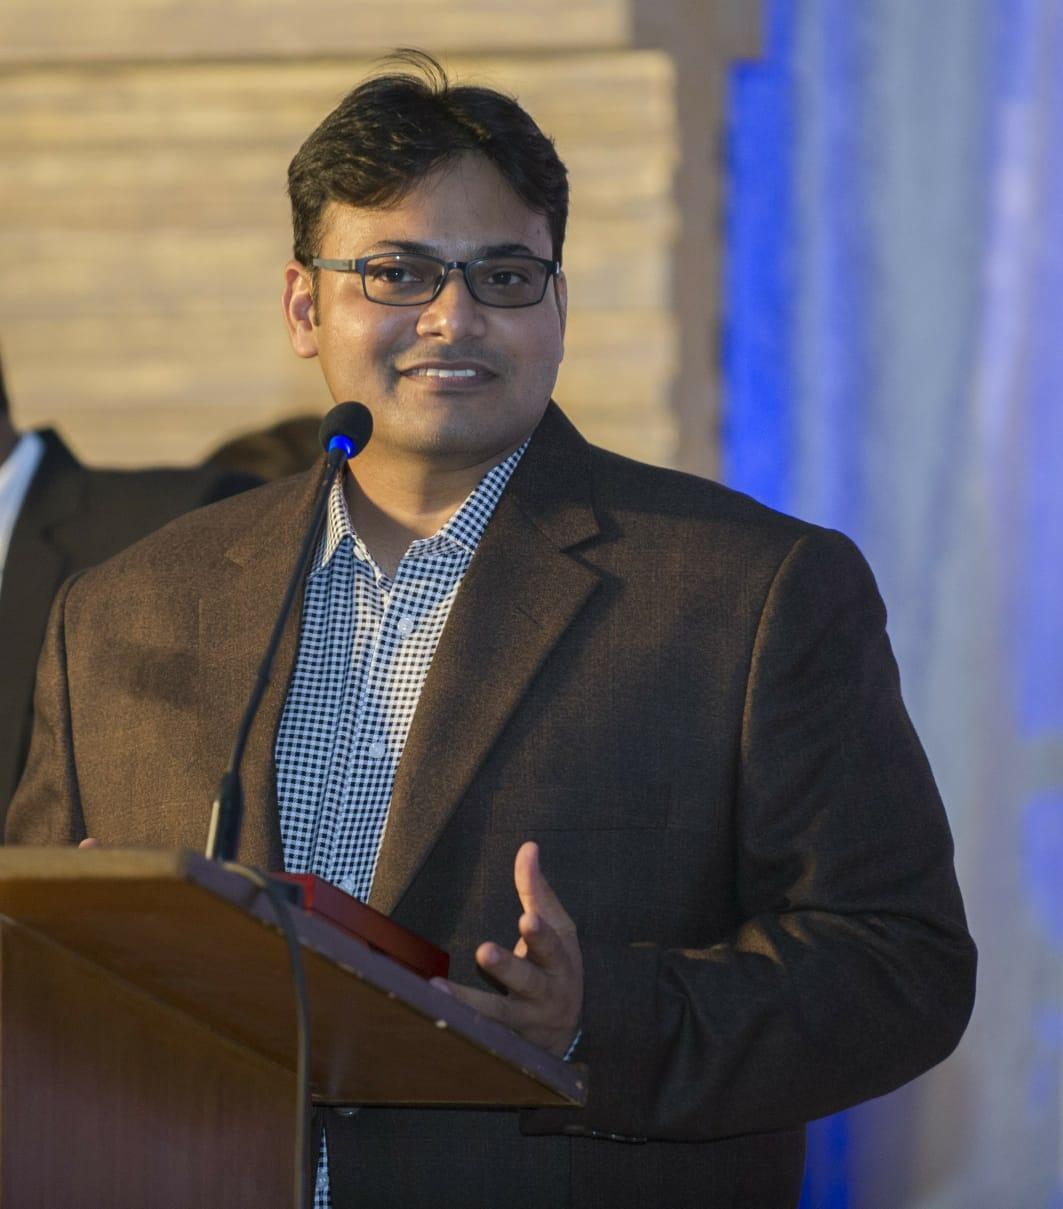 Salman Khwaja